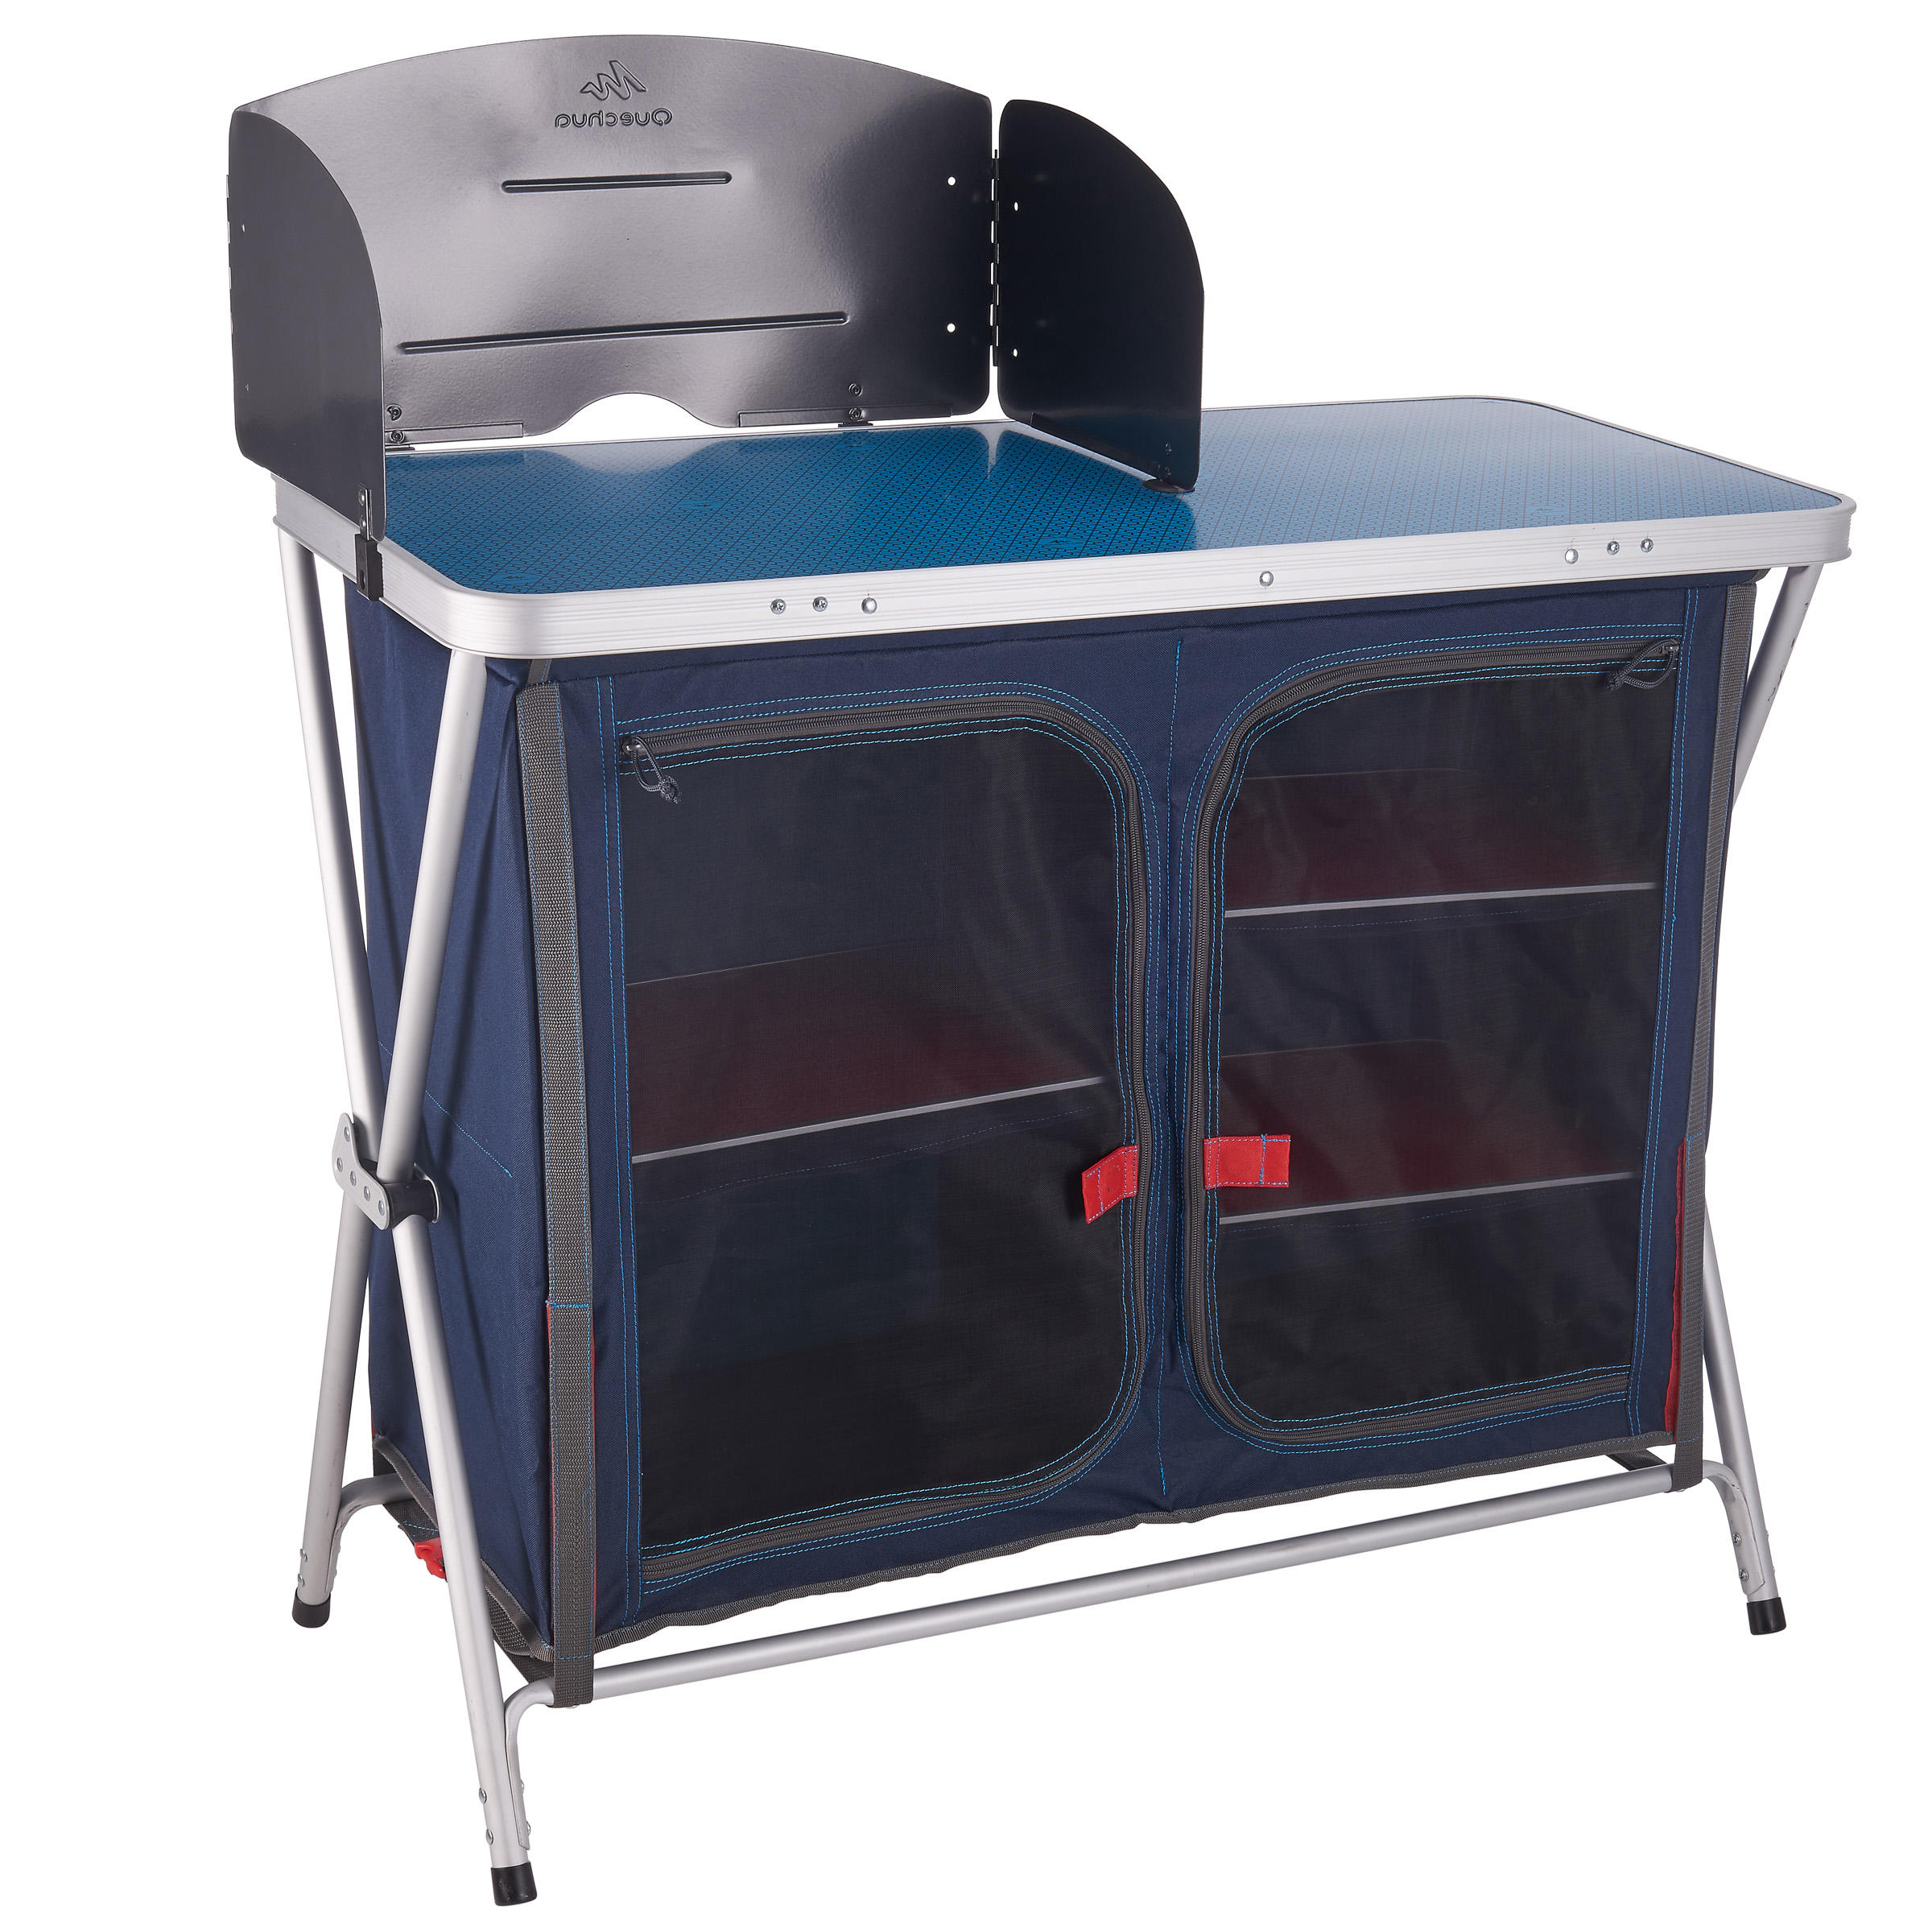 Meuble de cuisine de camping / camp du randonneur bleu